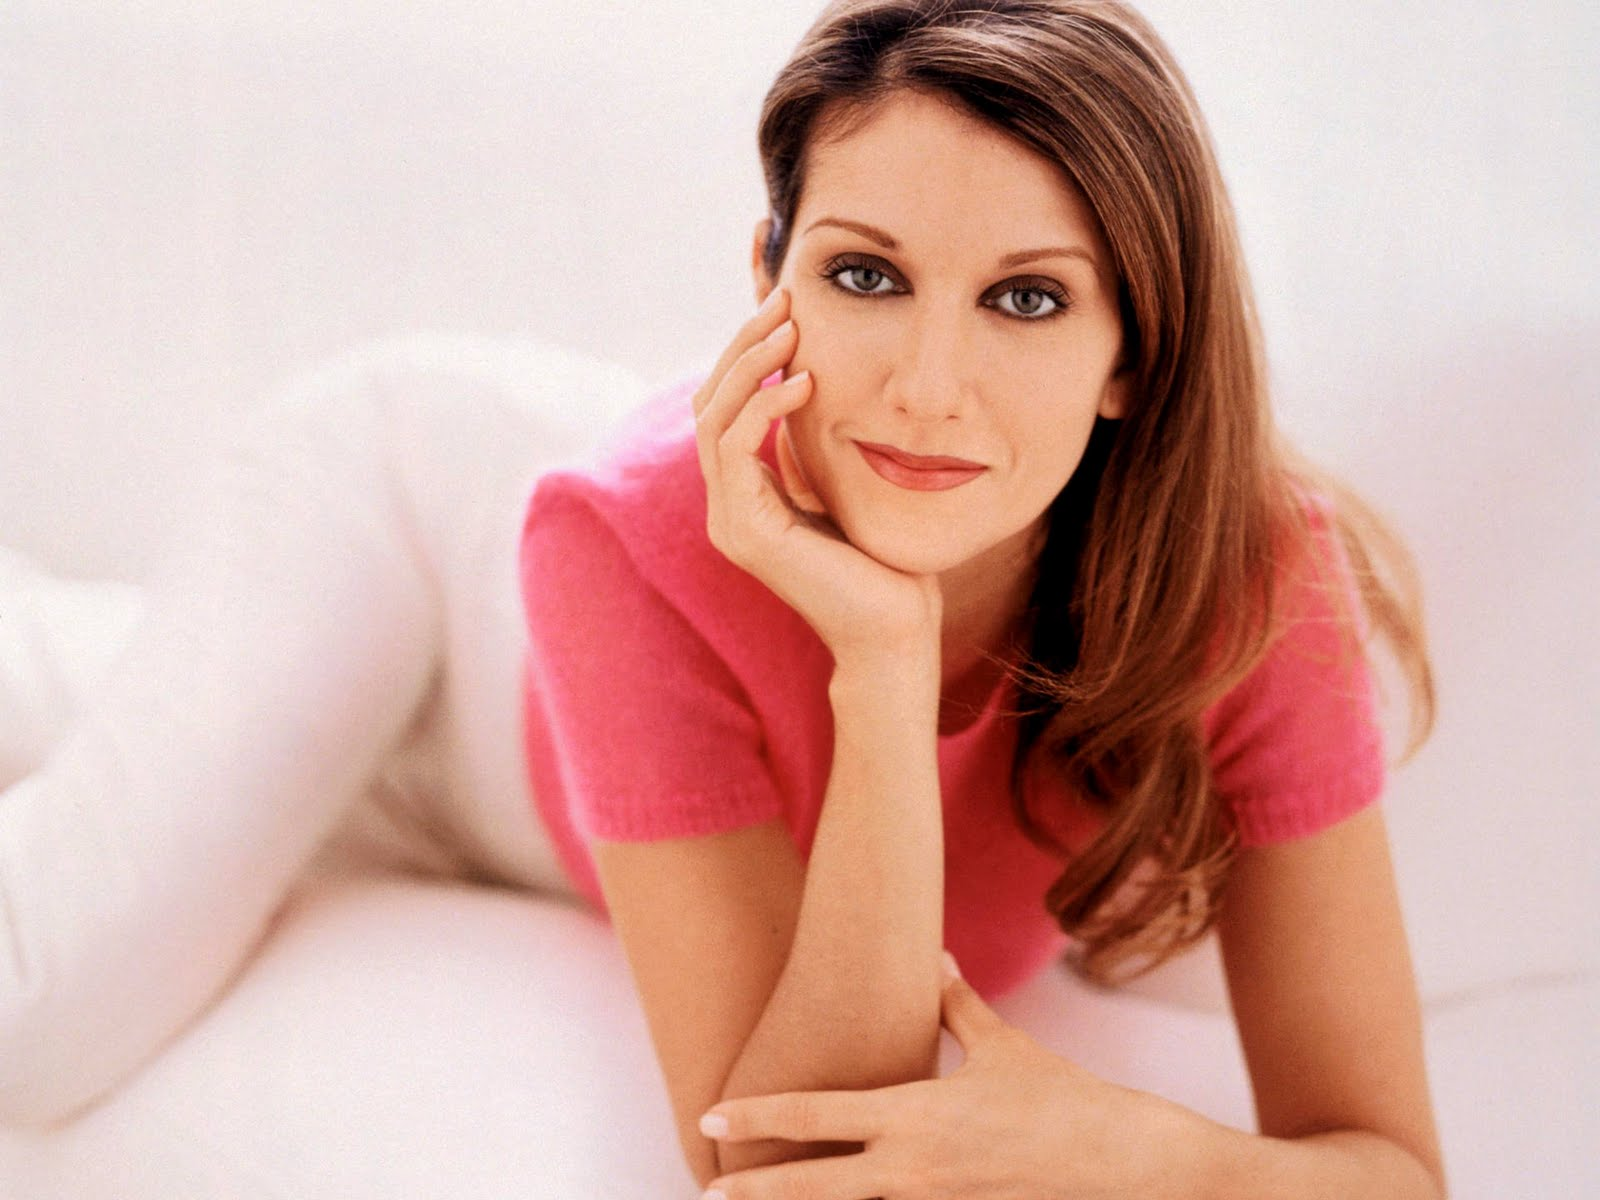 Hot Images: Celine Dion